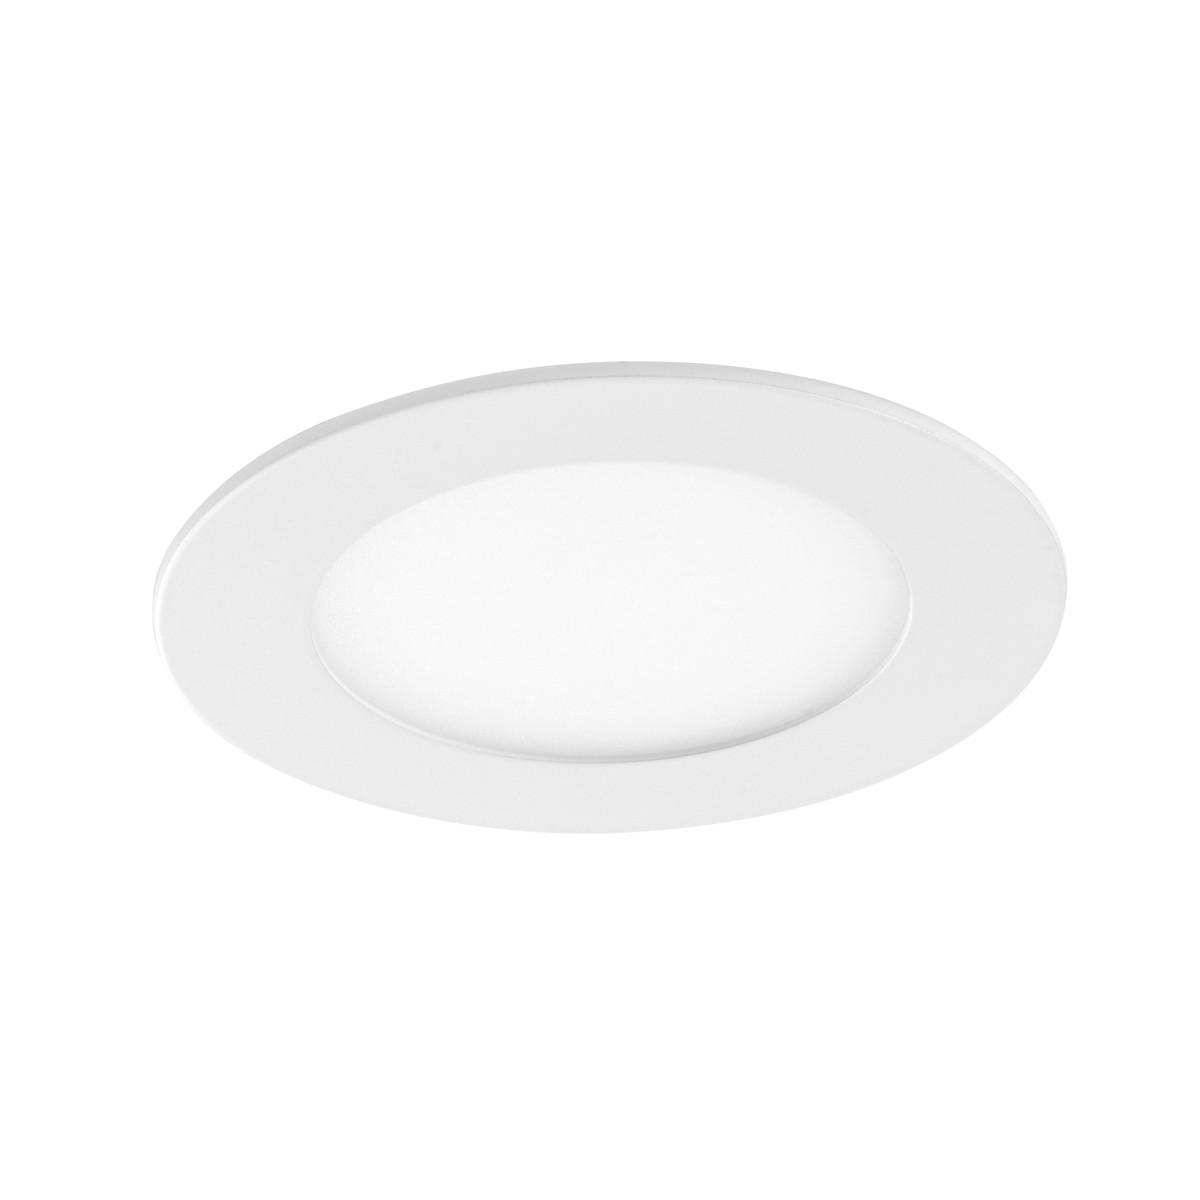 Novo Plus LED Downlight RD 12W White